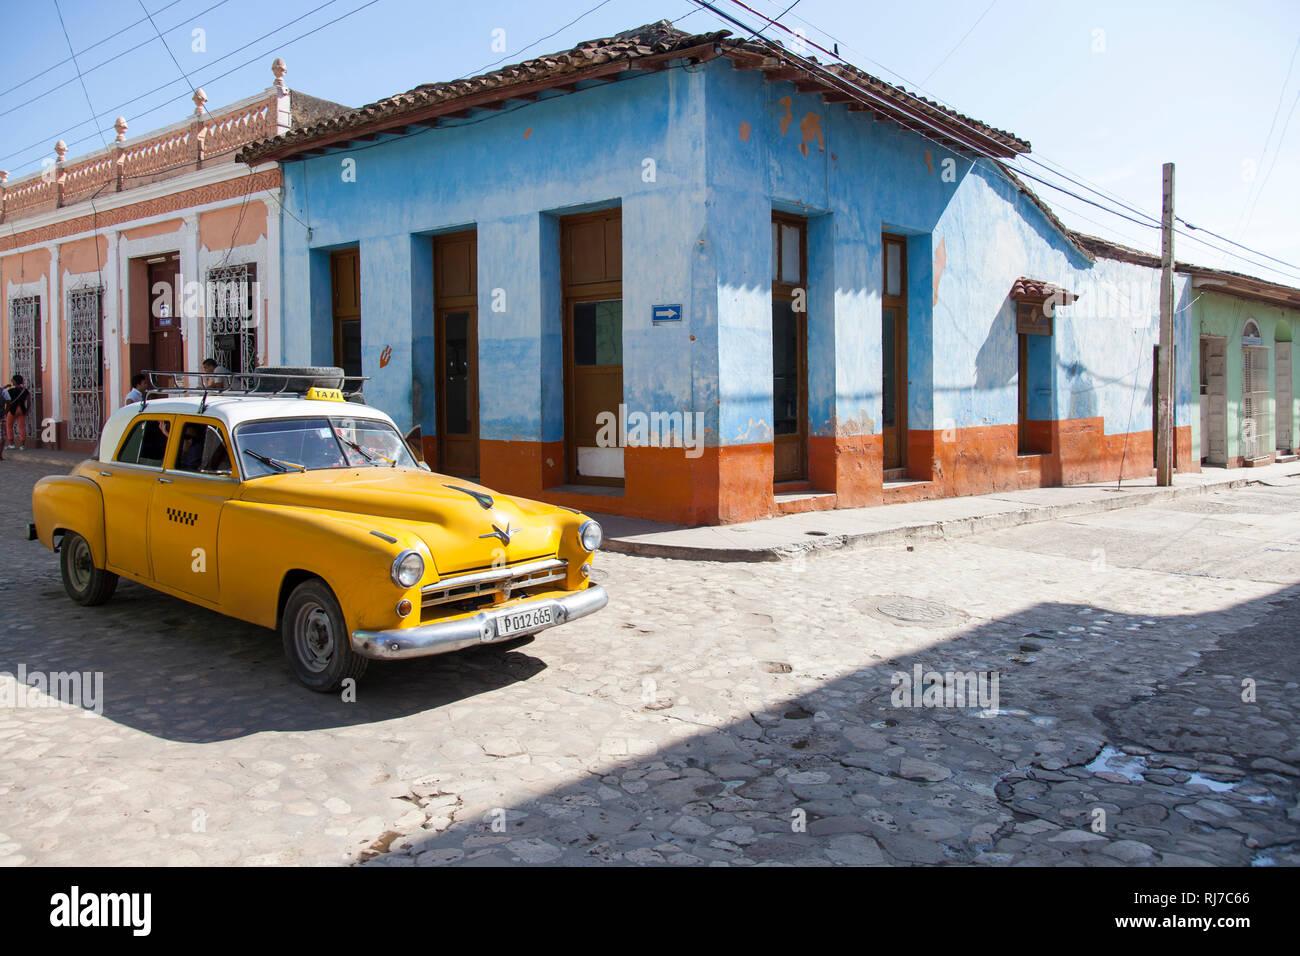 Karibik, Cuba, Kuba, Trinidad, gelber Oldtimer an Straßenkreuzung - Stock Image